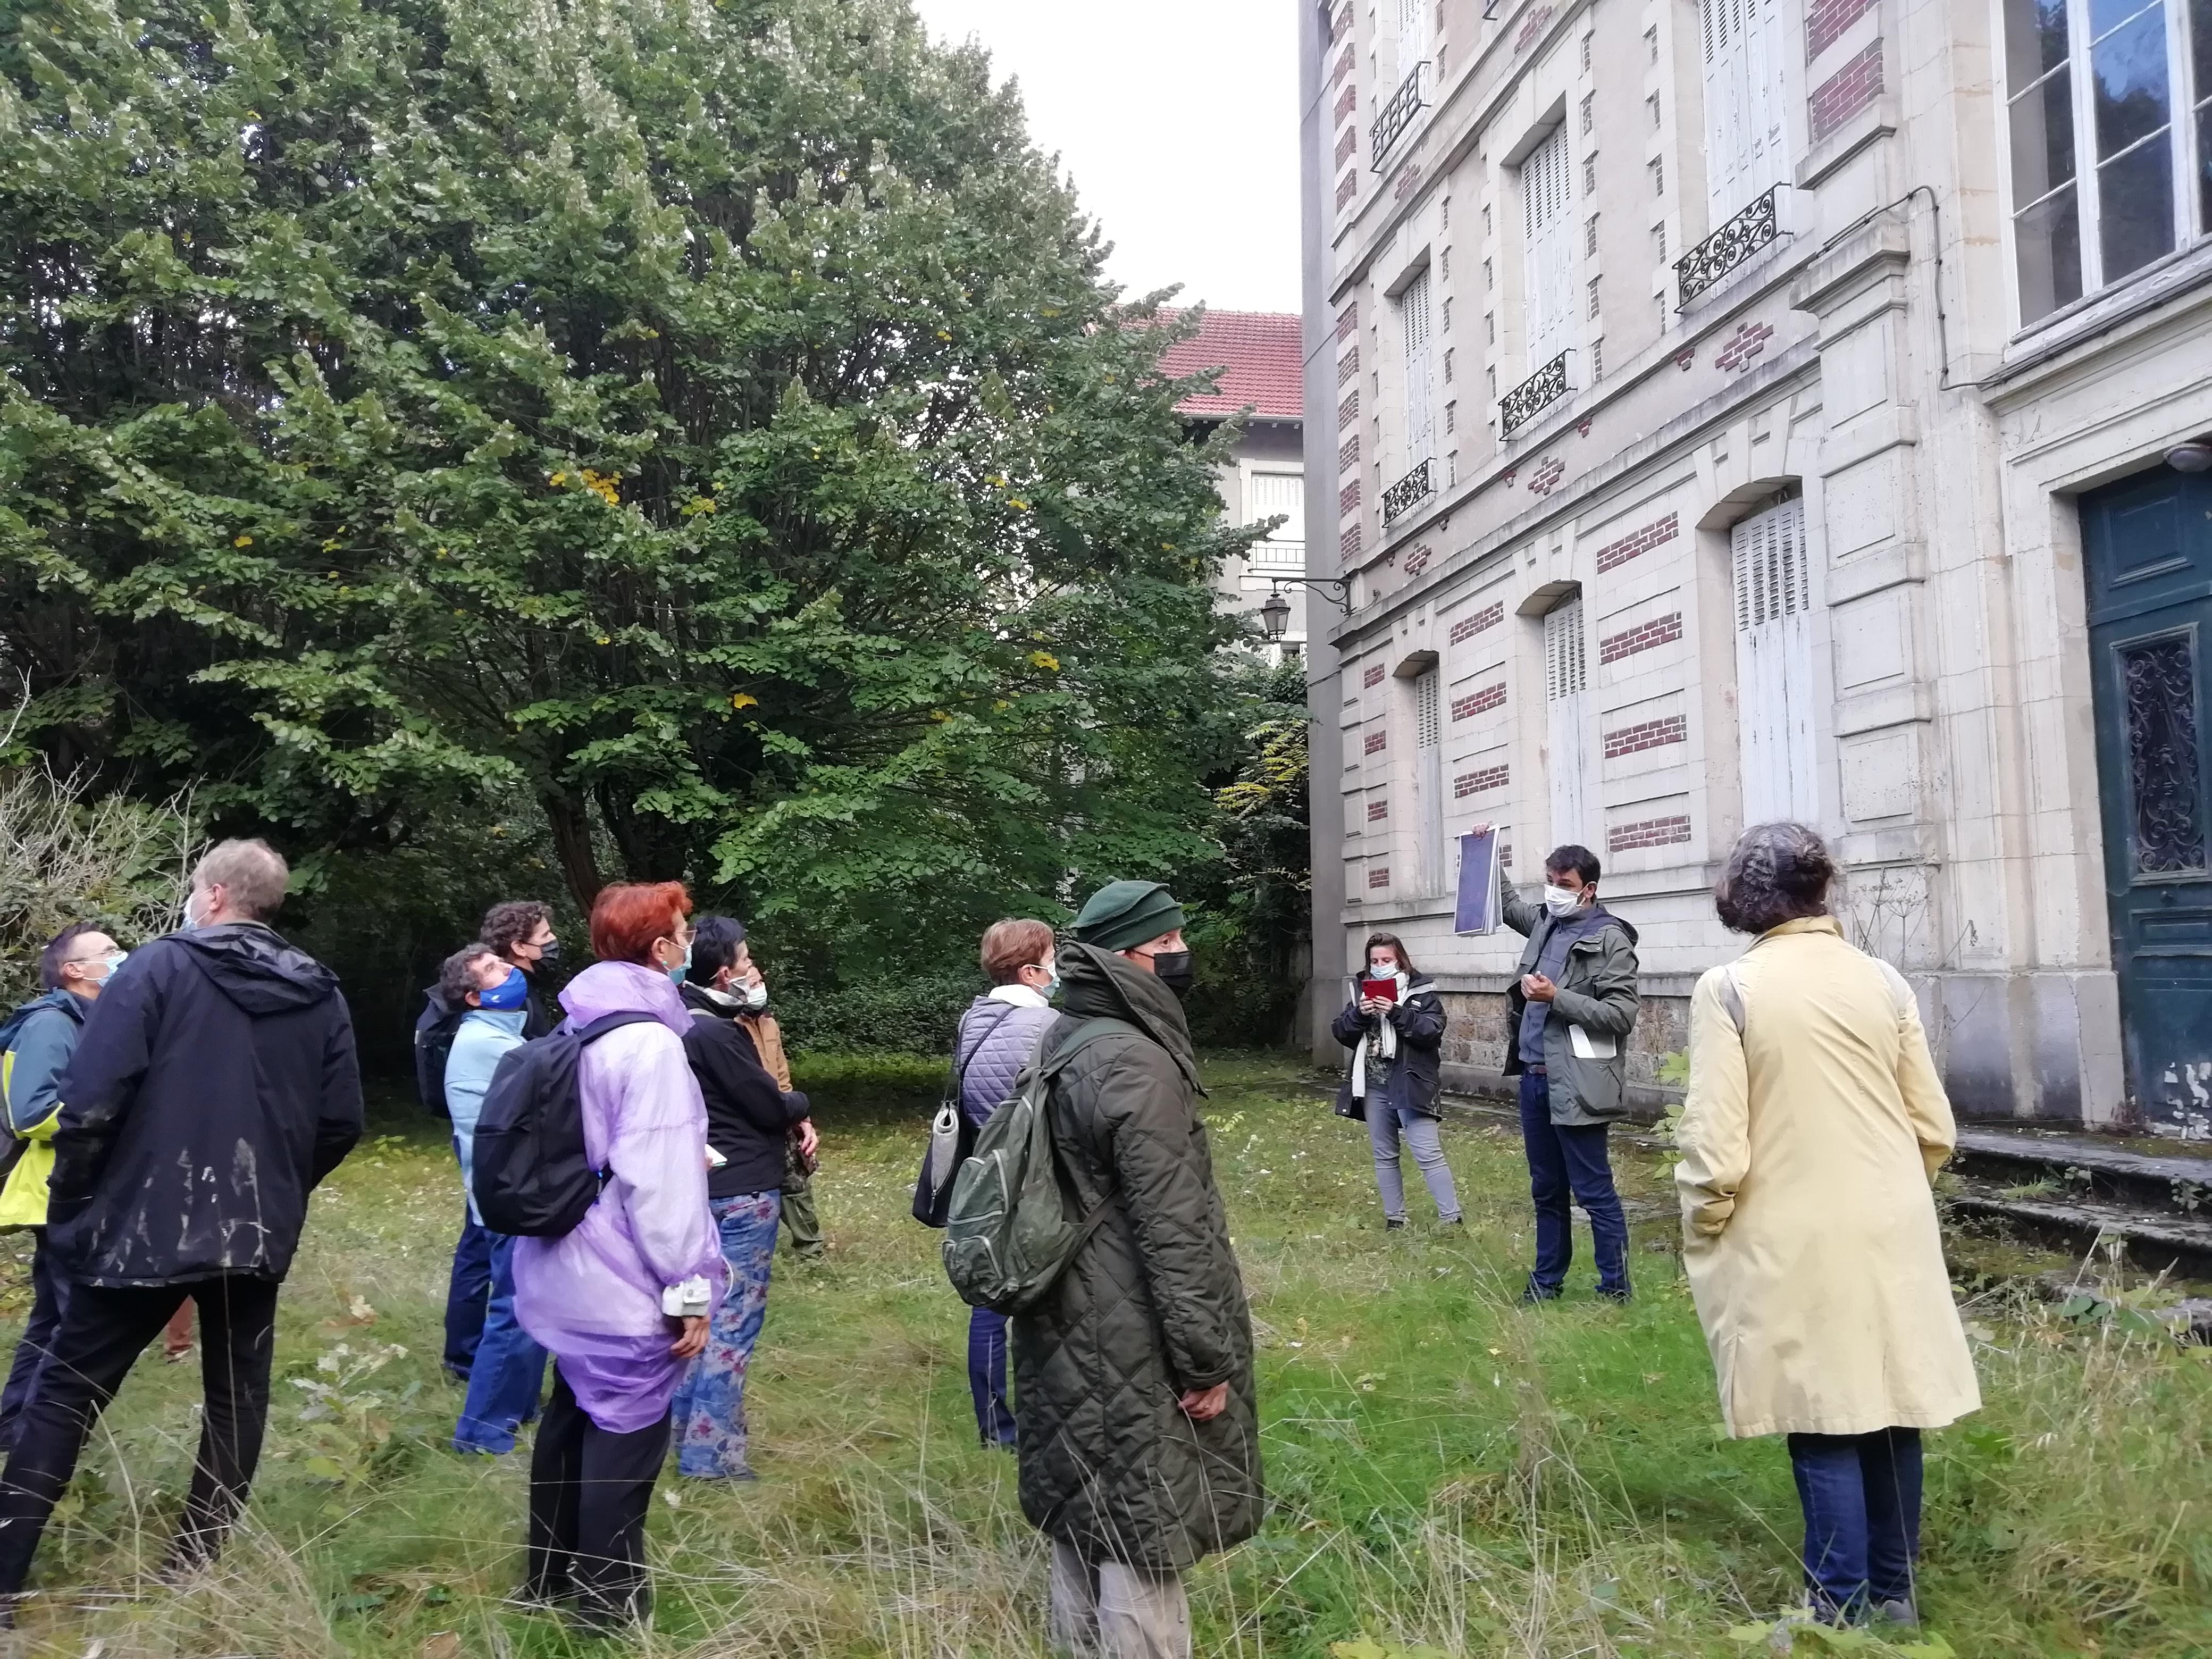 Les cités-jardins en automne / La Poudrerie un parc et une cité-jardin